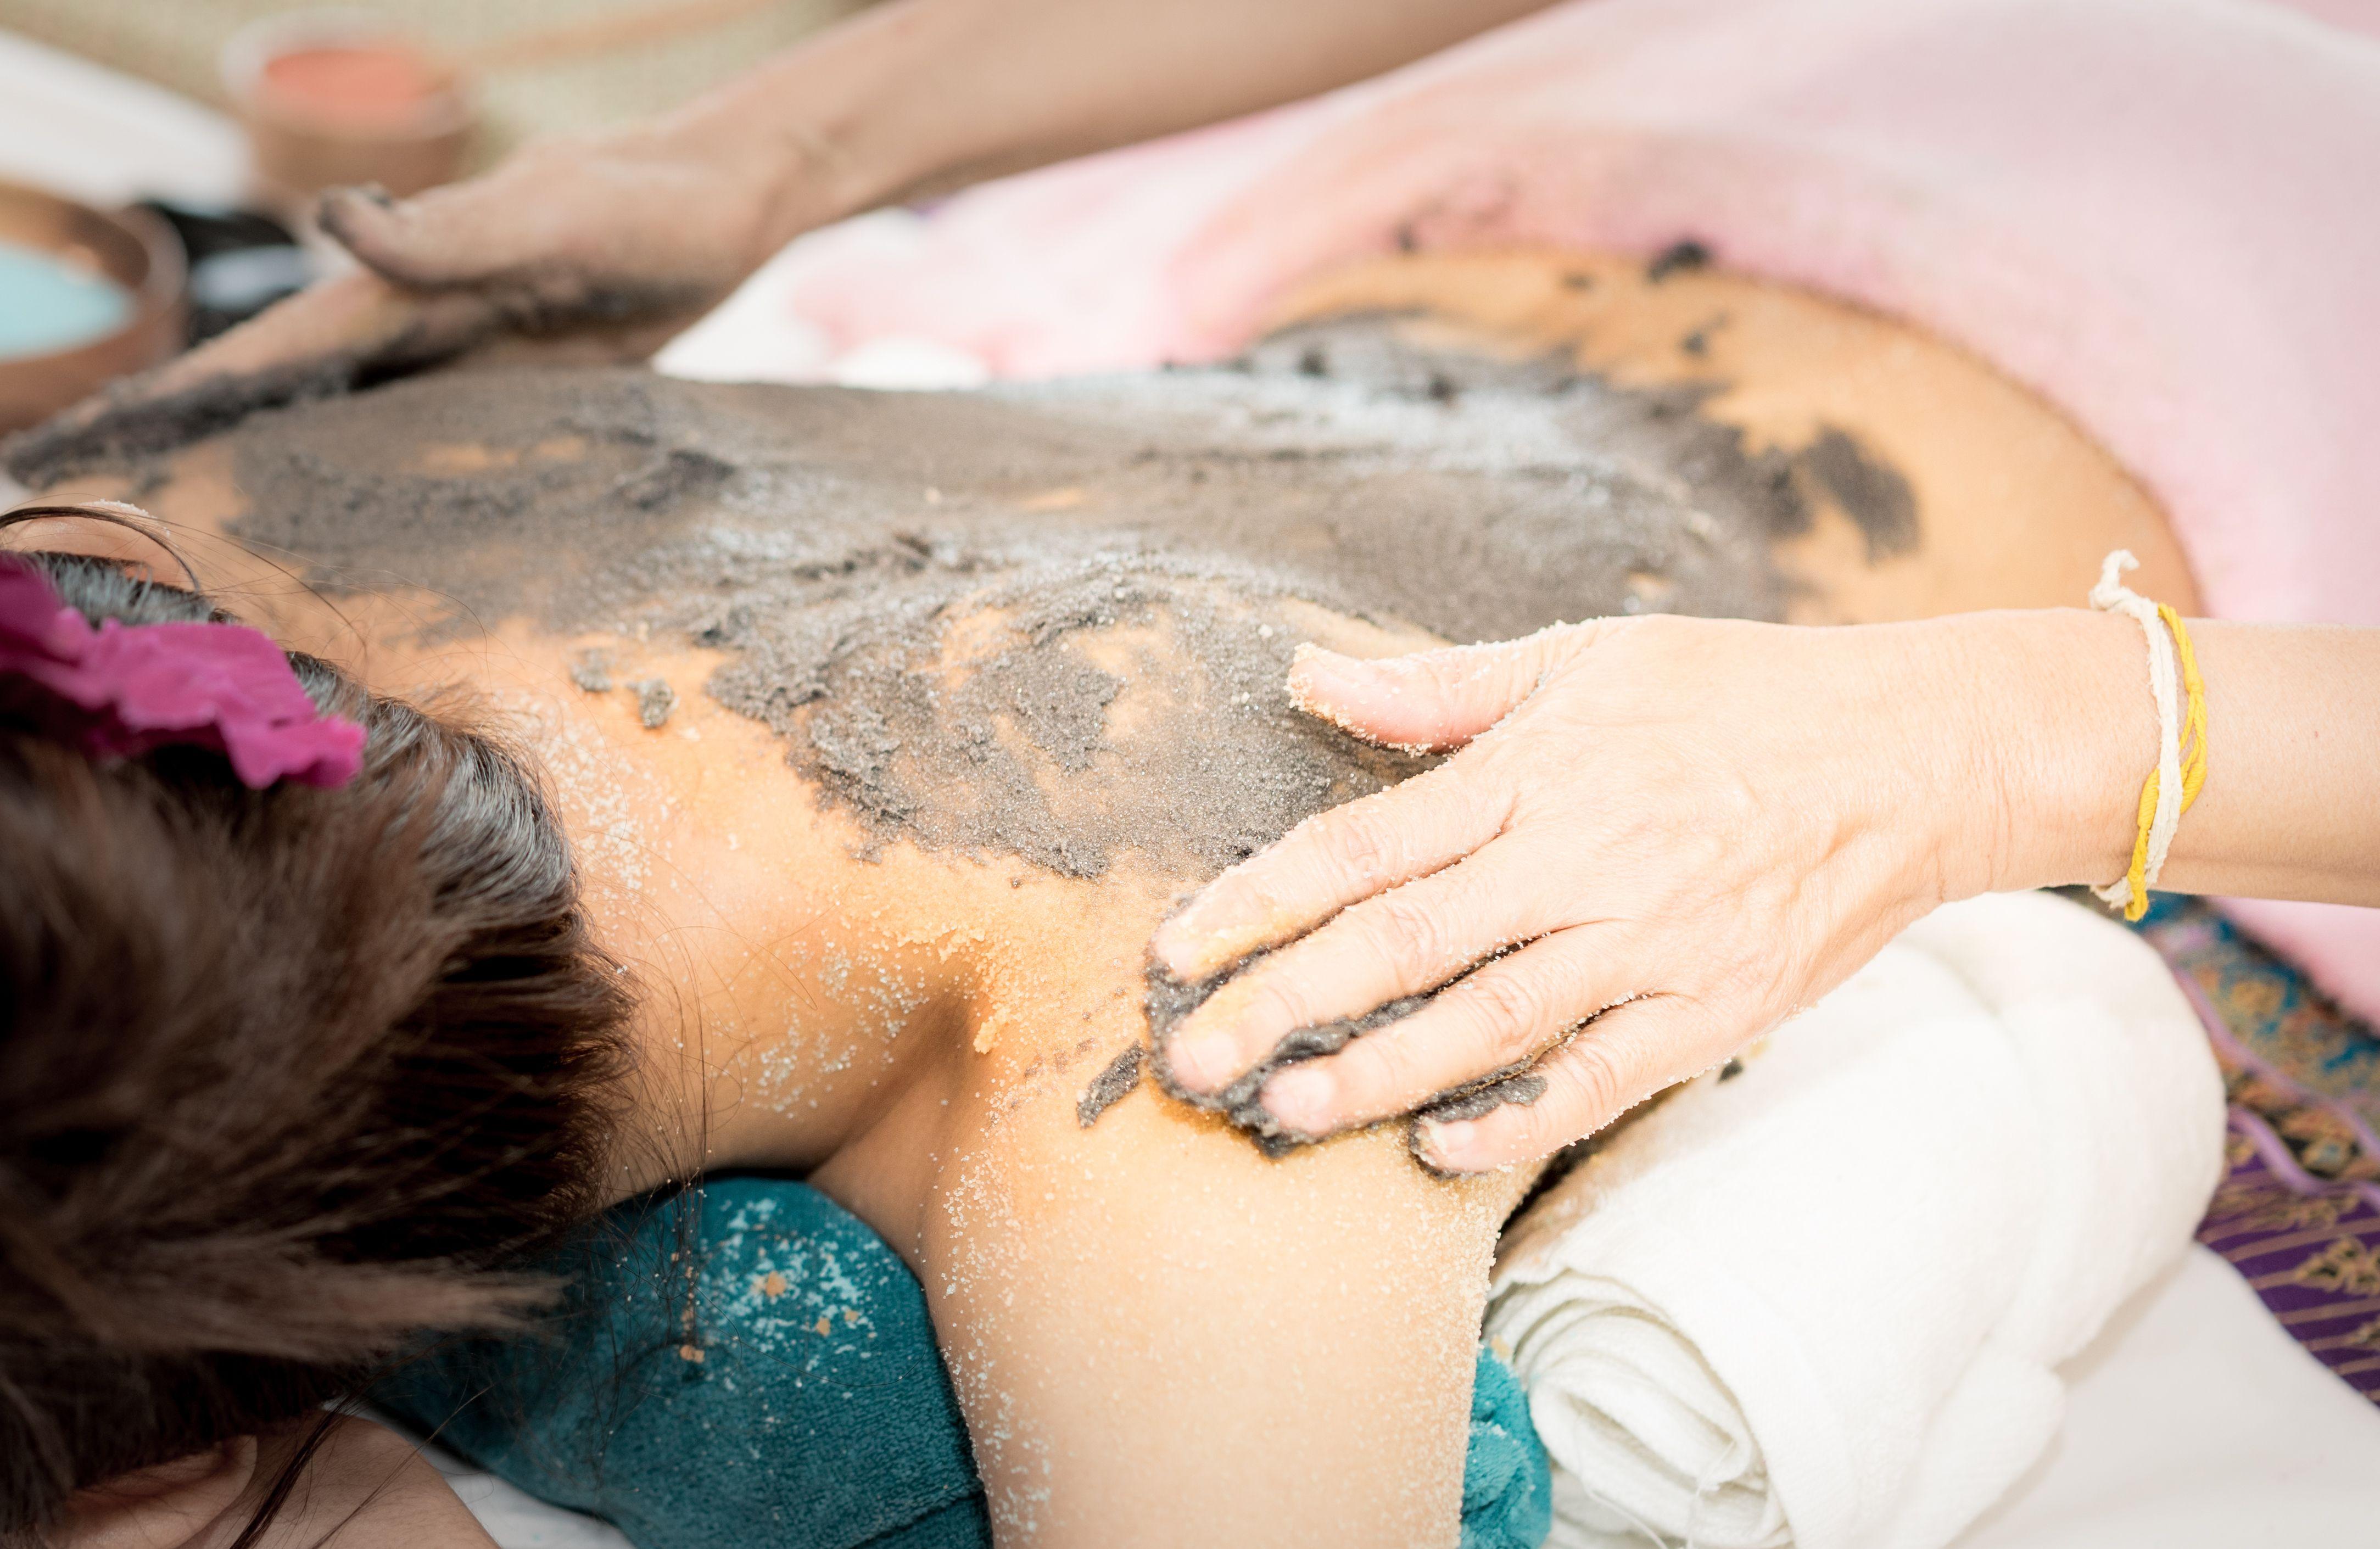 Envolturas corporales: ¿Qué hacemos?  de Ascensión Alcaide